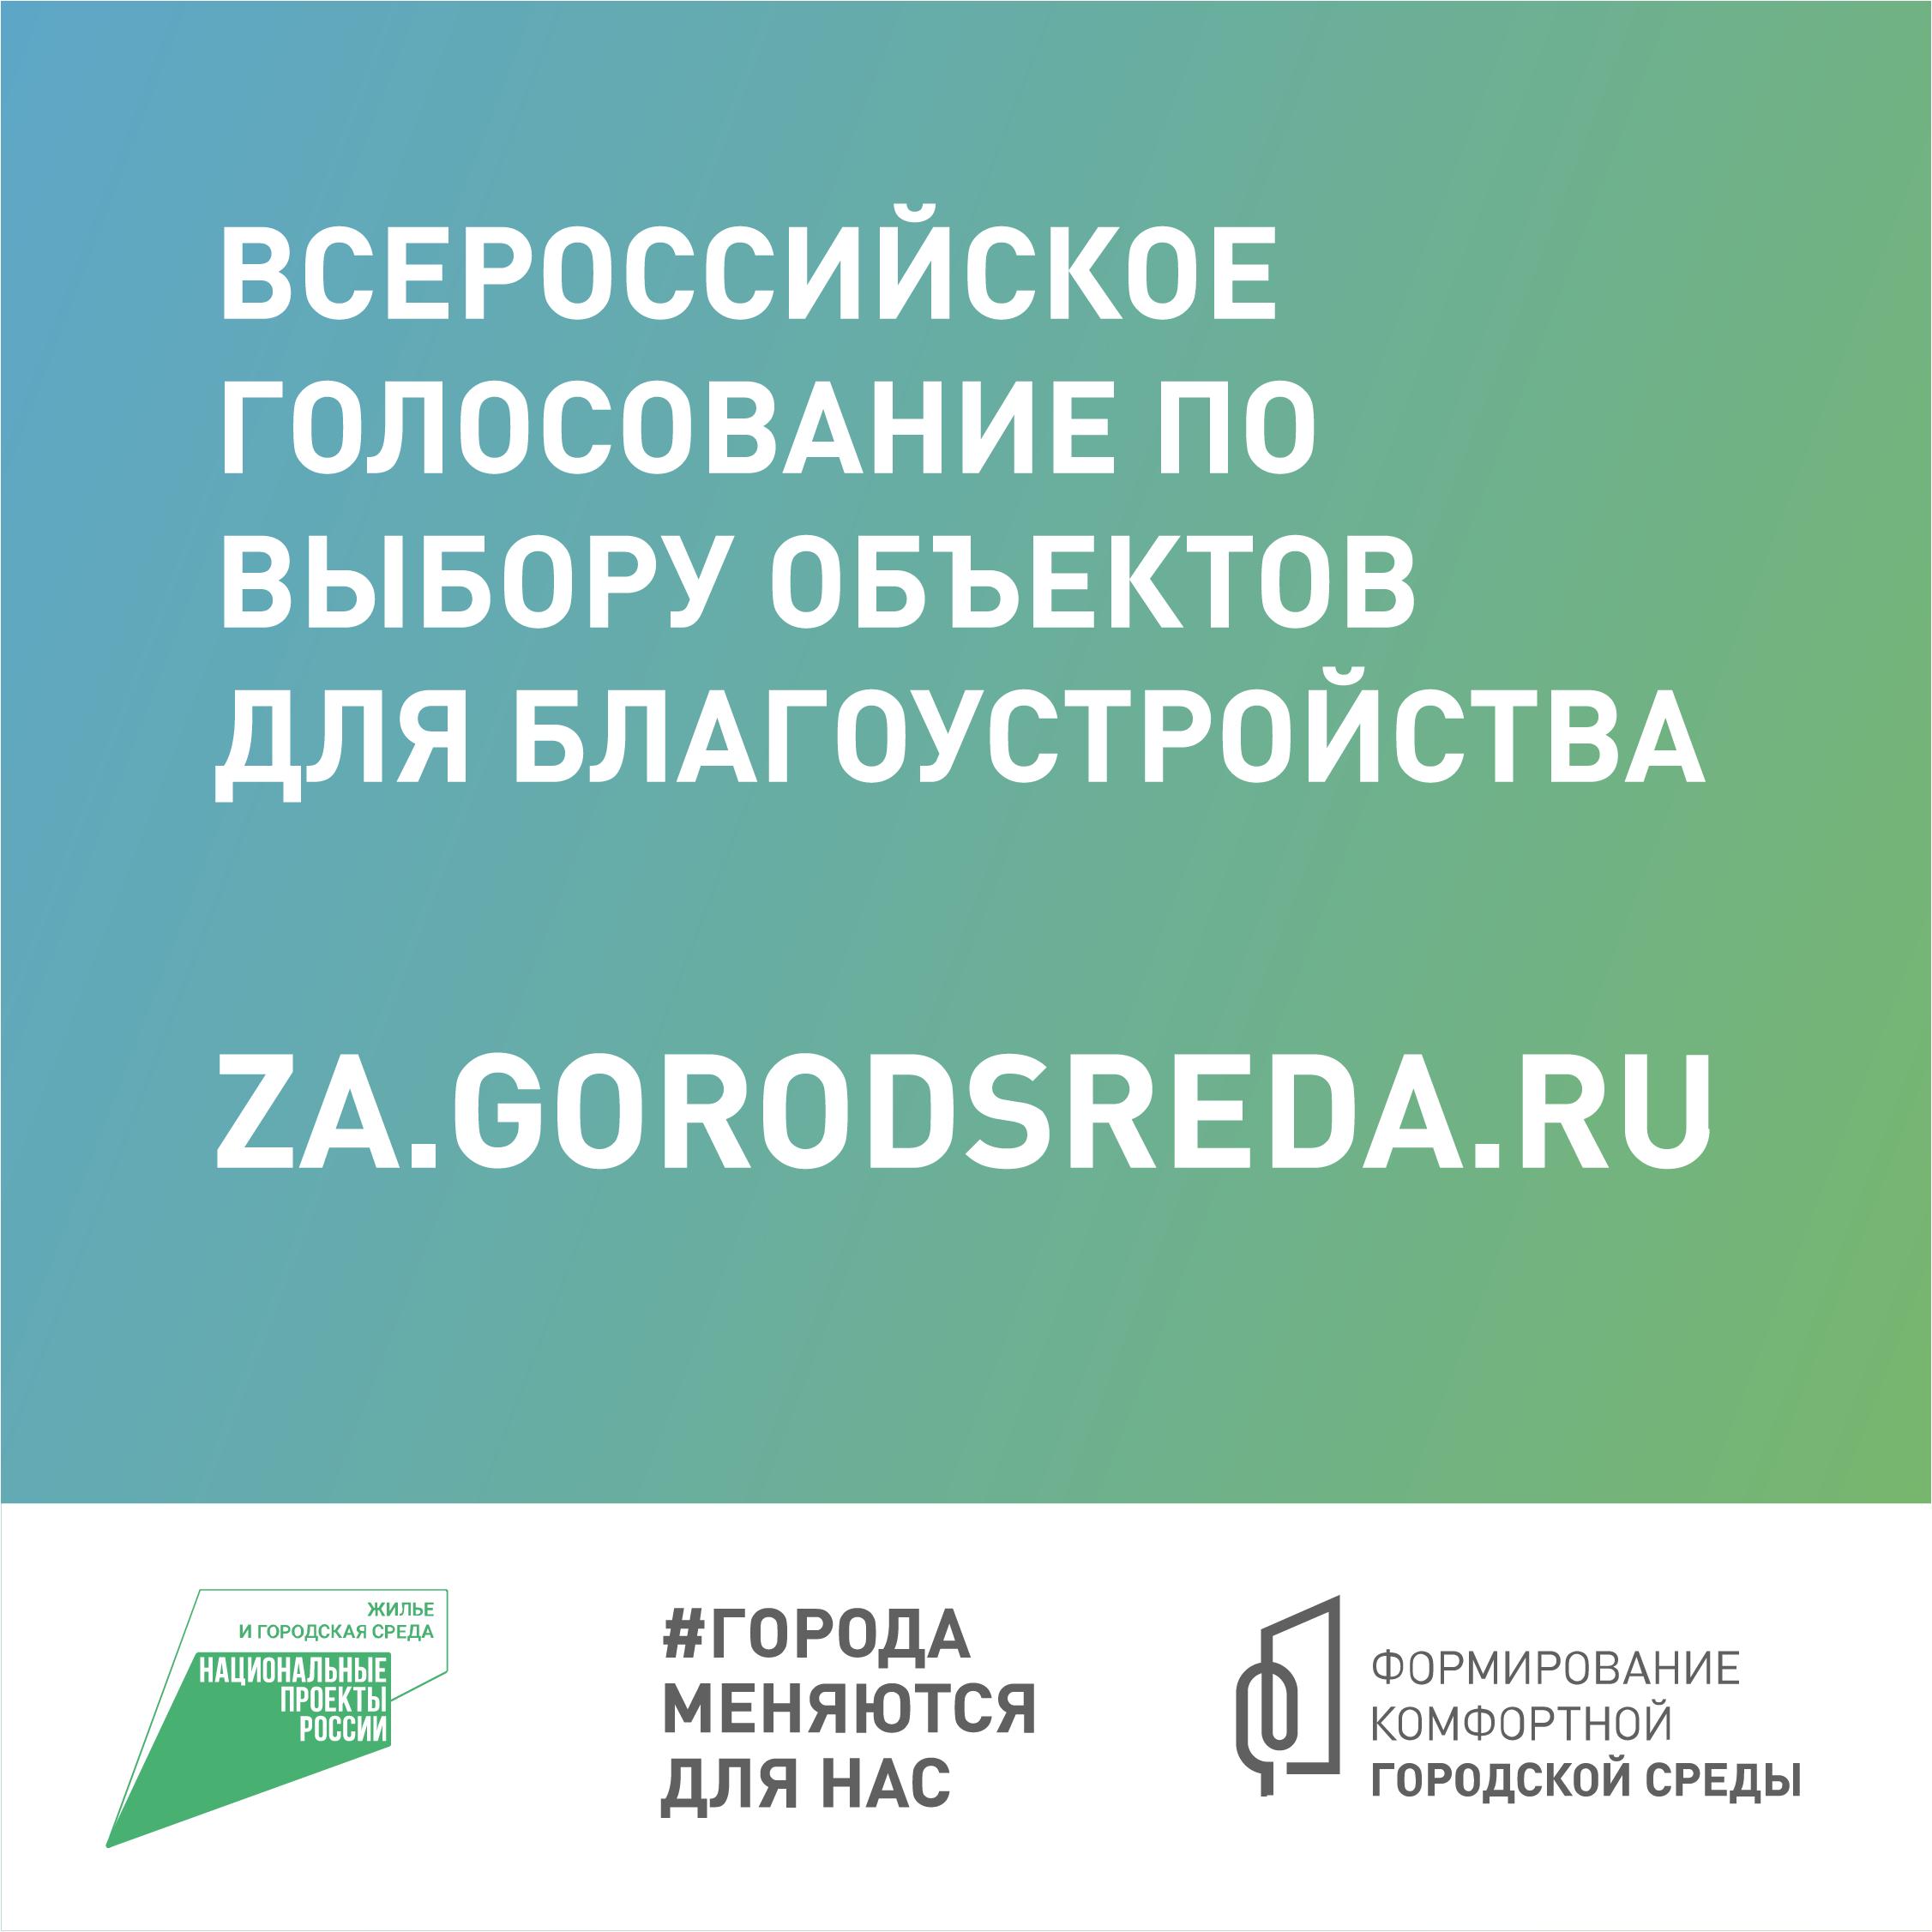 Каждый третий город в России обладает благоприятной городской средой